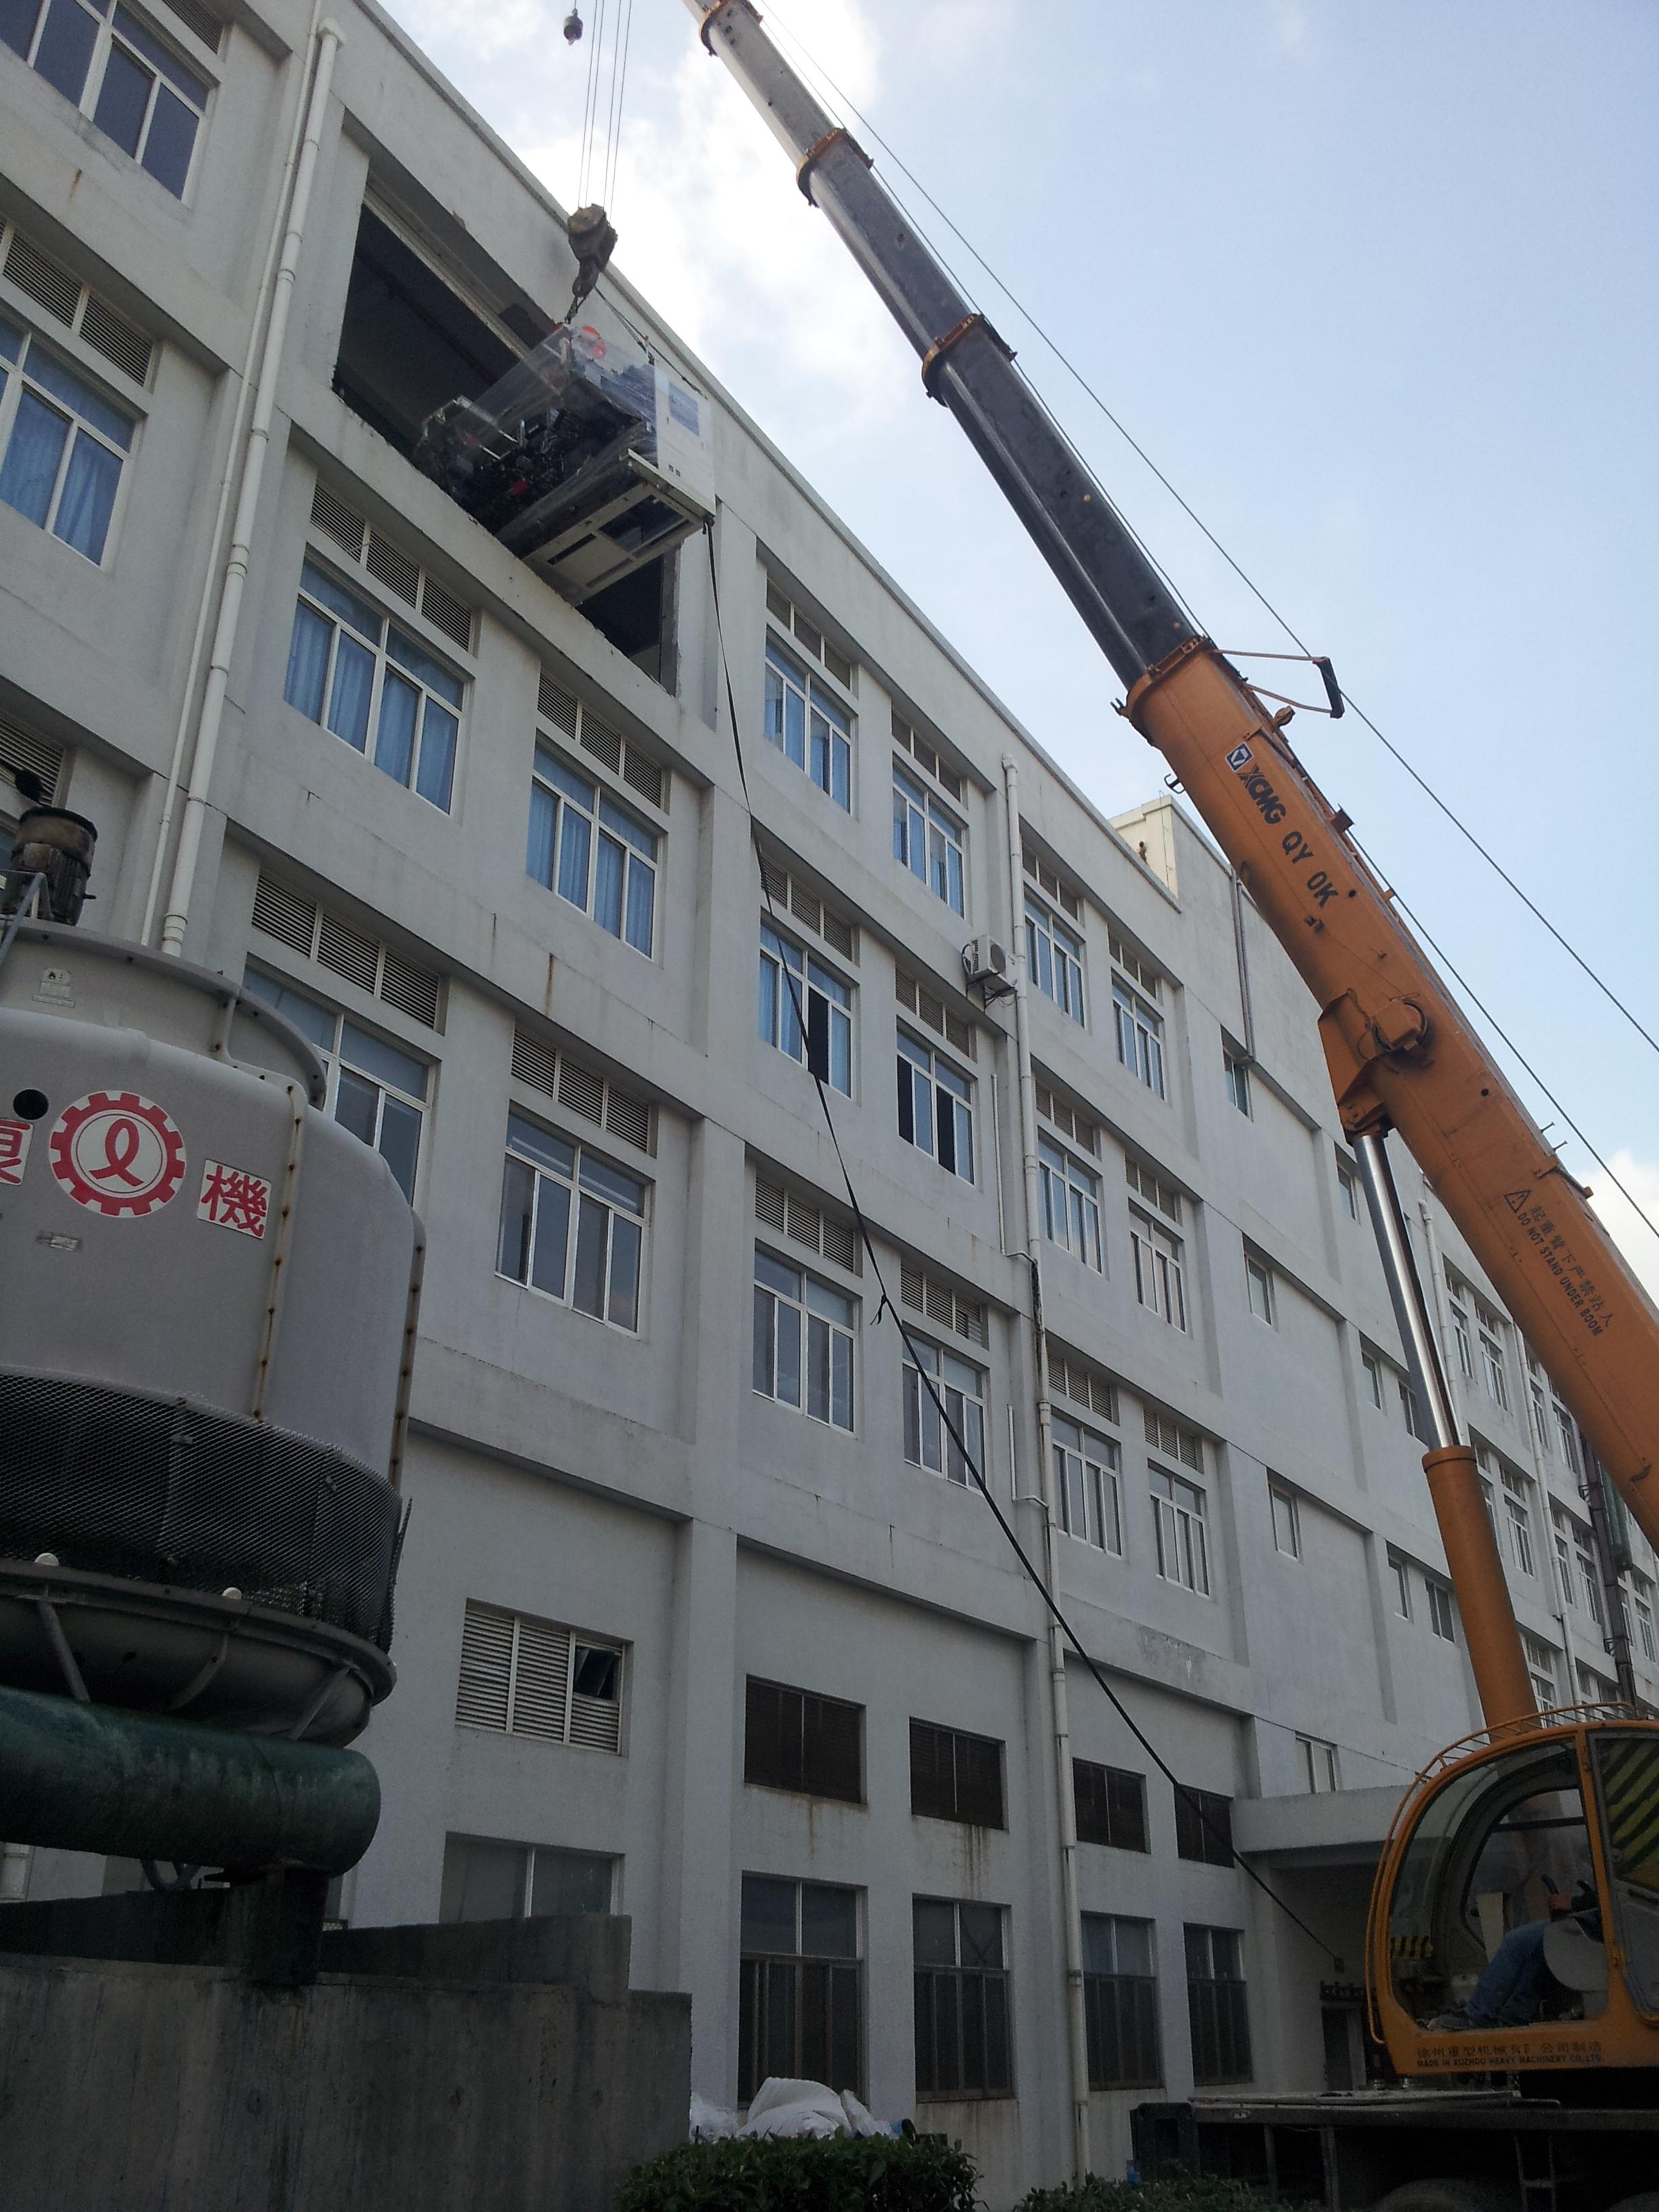 设备高空吊装